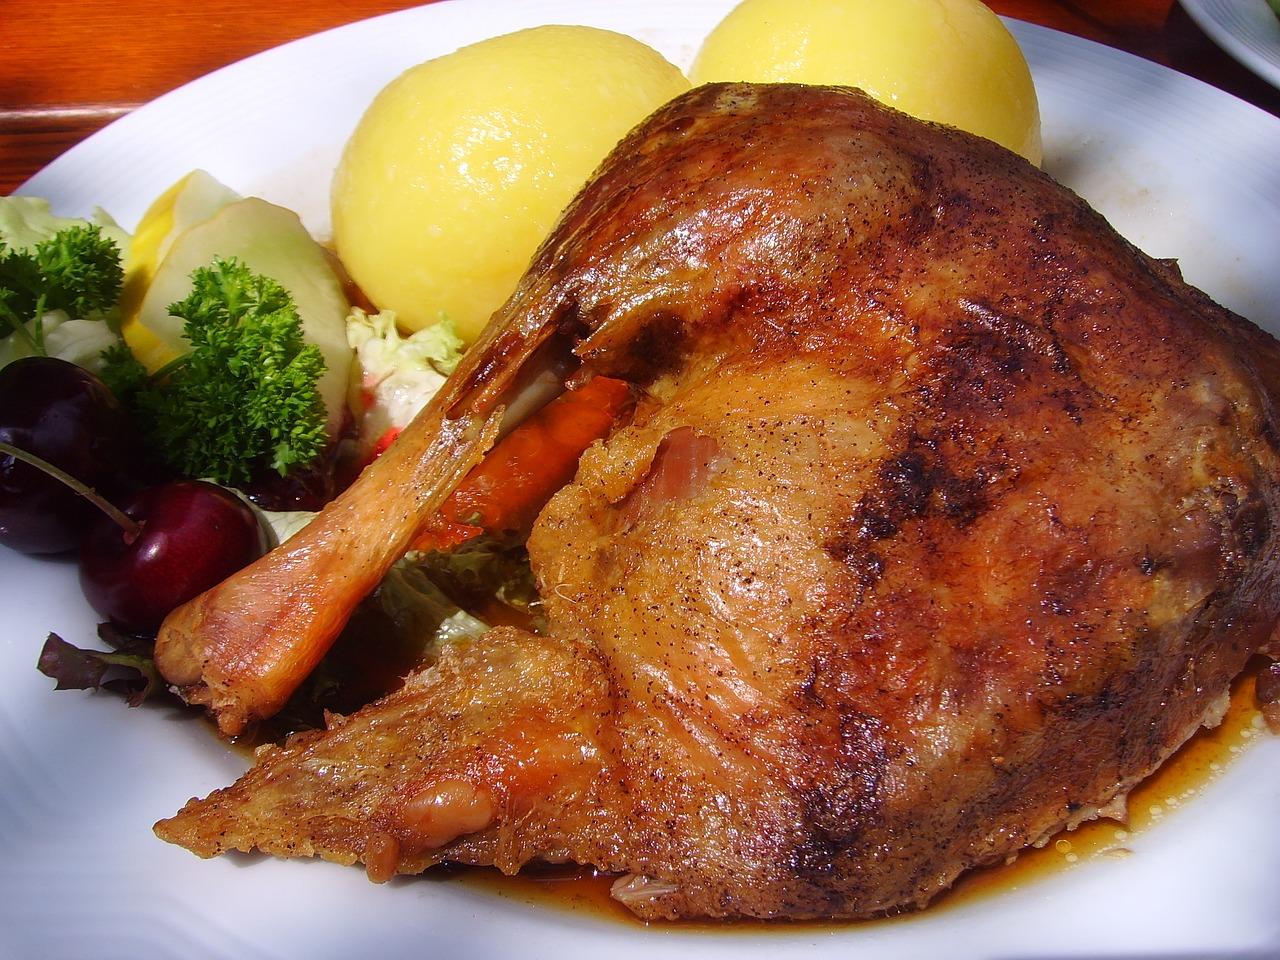 Bild zur Nachricht von Speisegaststätte Sophienhof